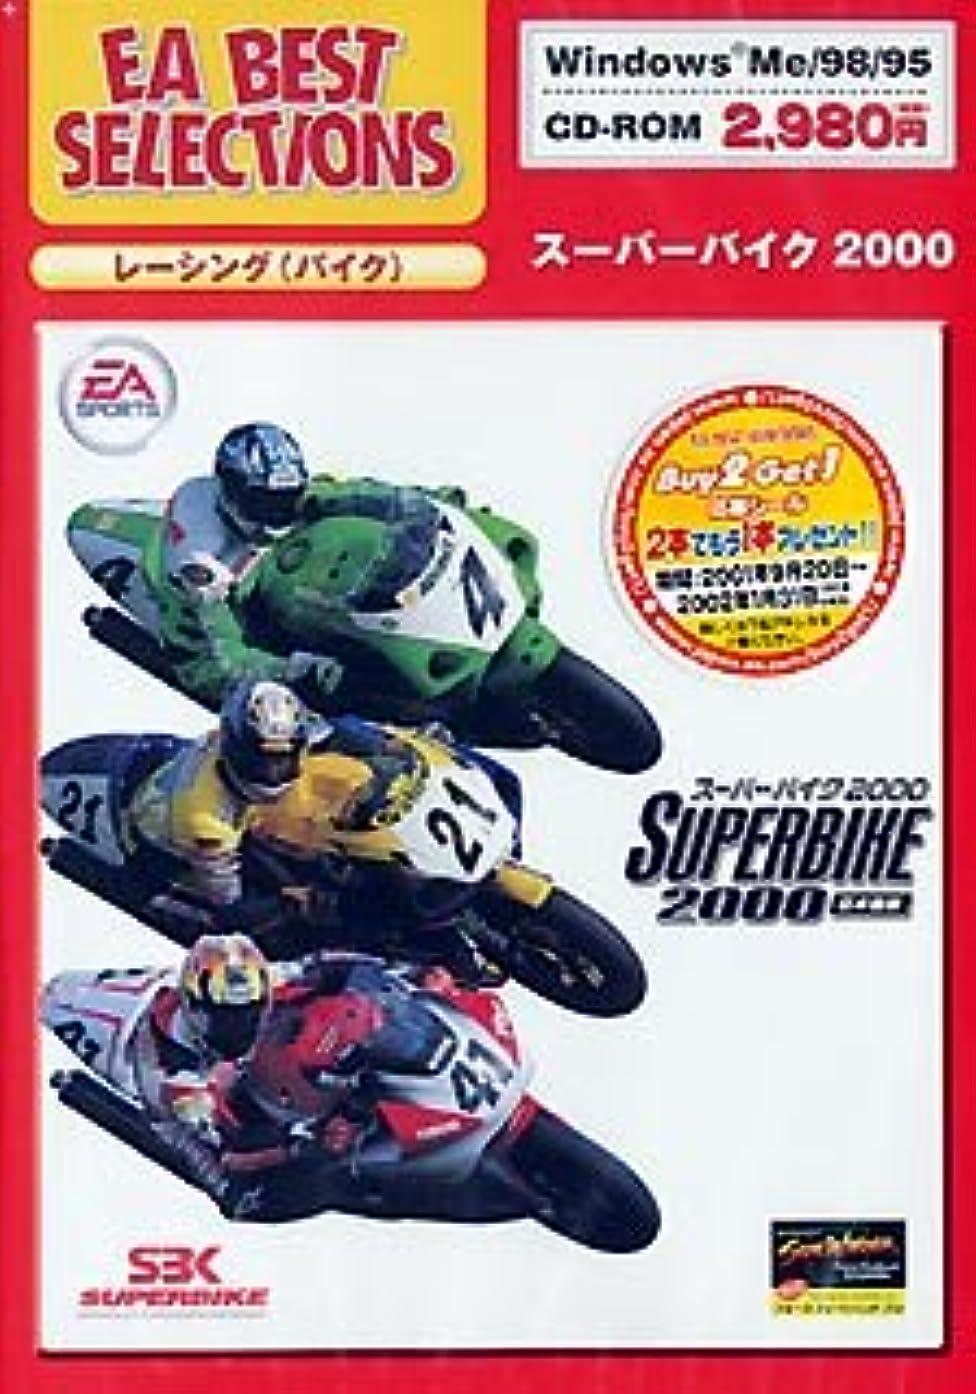 アフリカ書士なるEA Best Selections スーパーバイク 2000